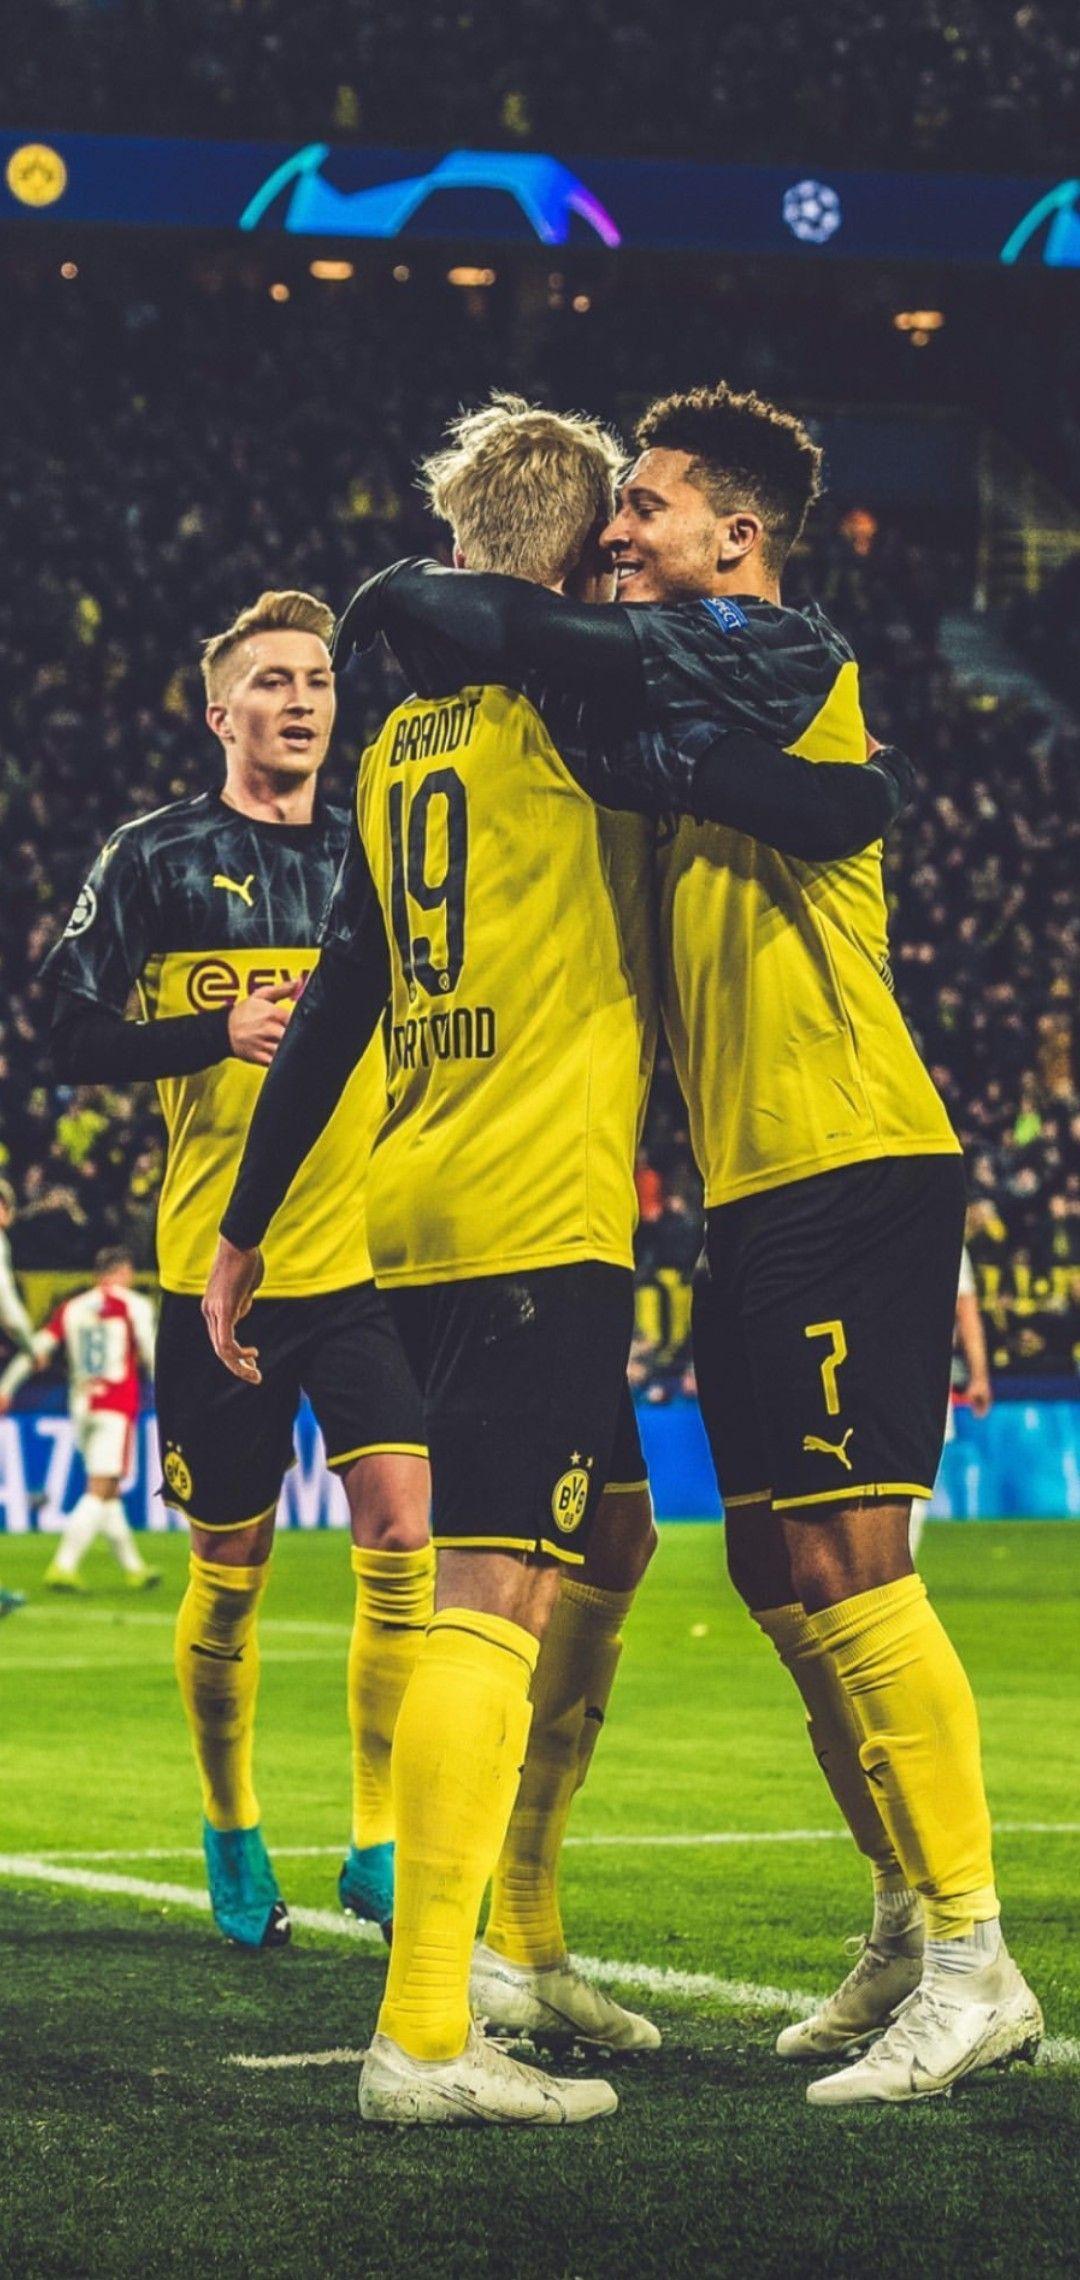 Borussia Dortmund Borussia Dortmund Em 2020 Jogadores De Futebol Futebol Mundial Futebol